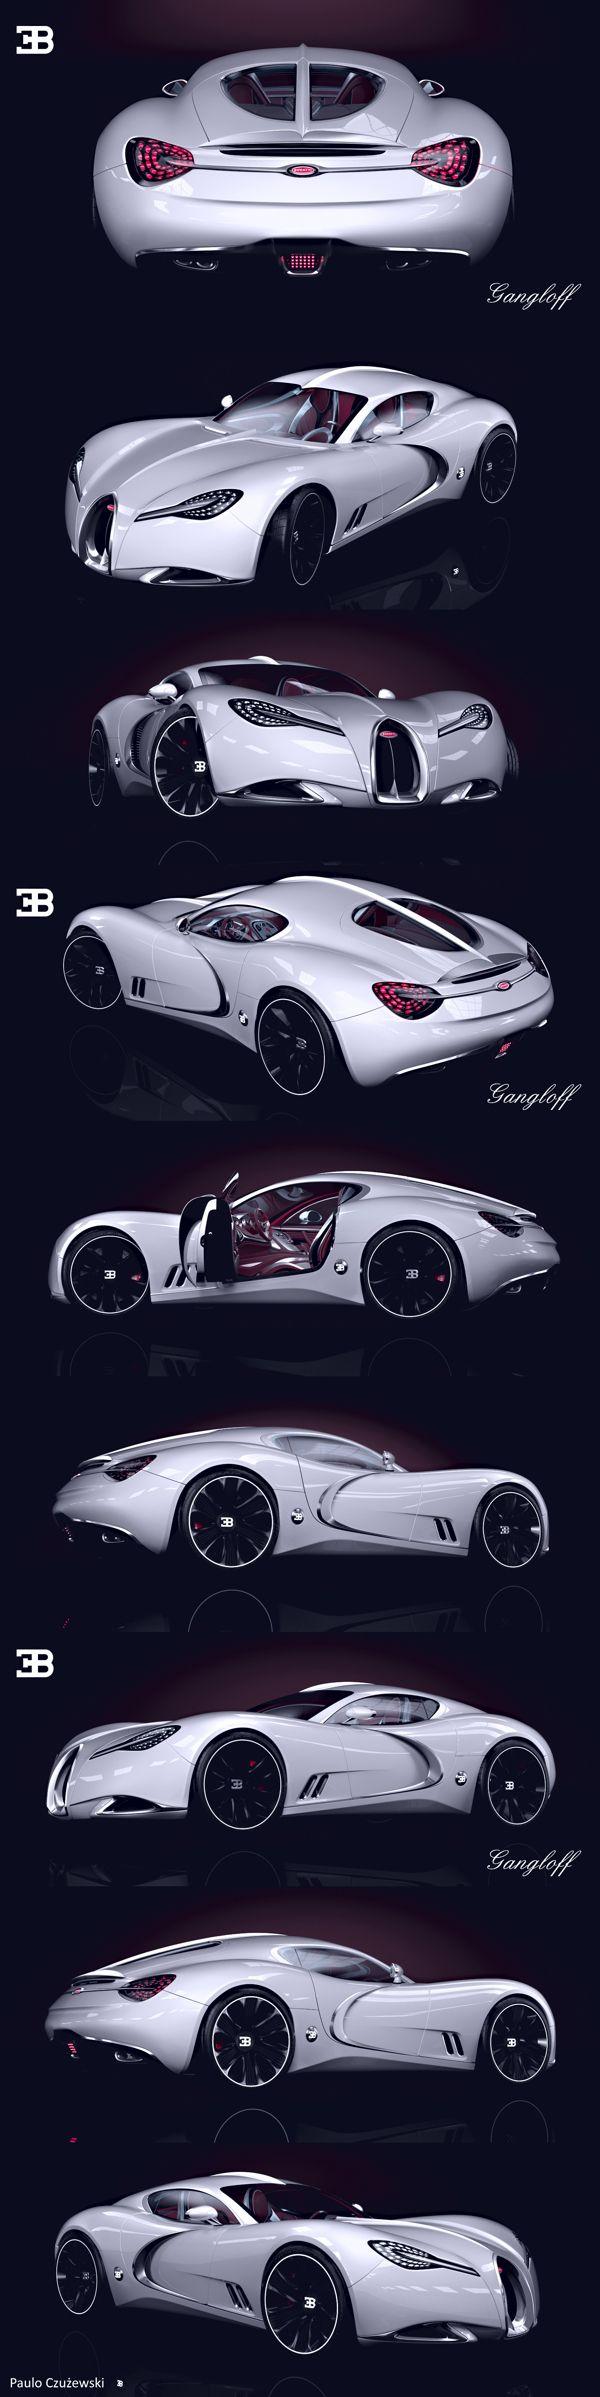 bugatti-concept-car-invisium